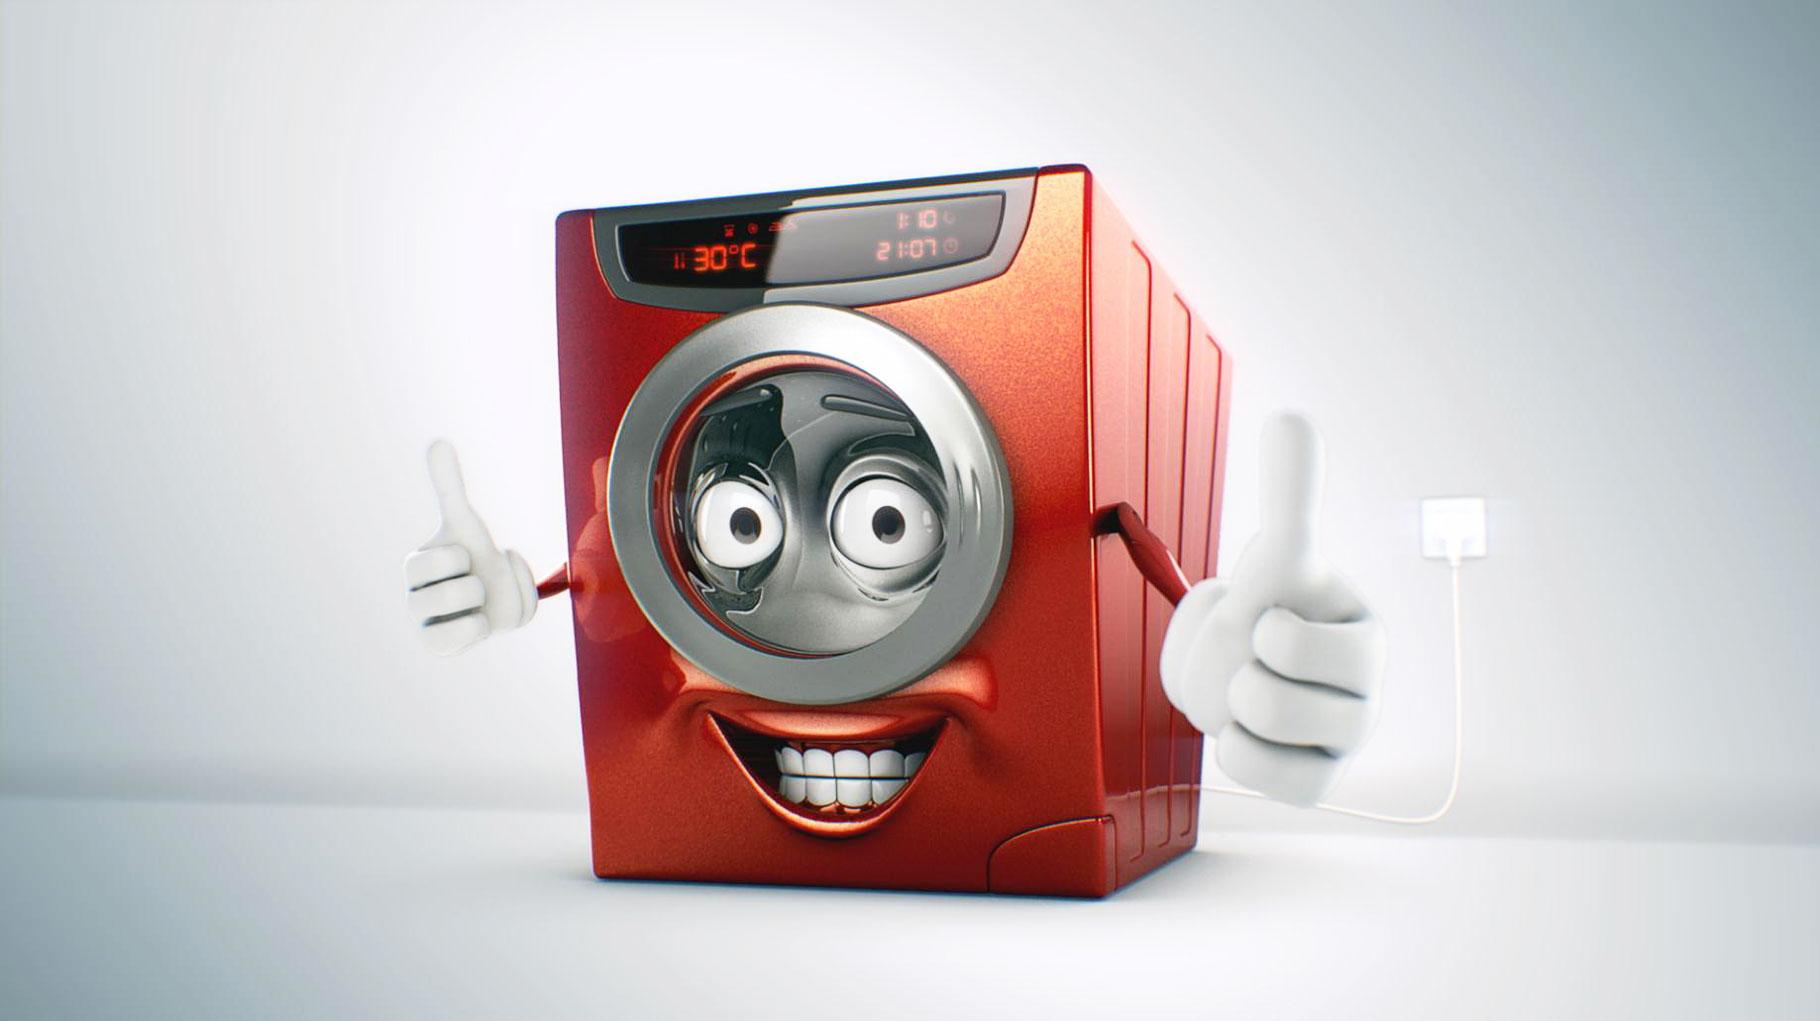 washingmachinenewtest